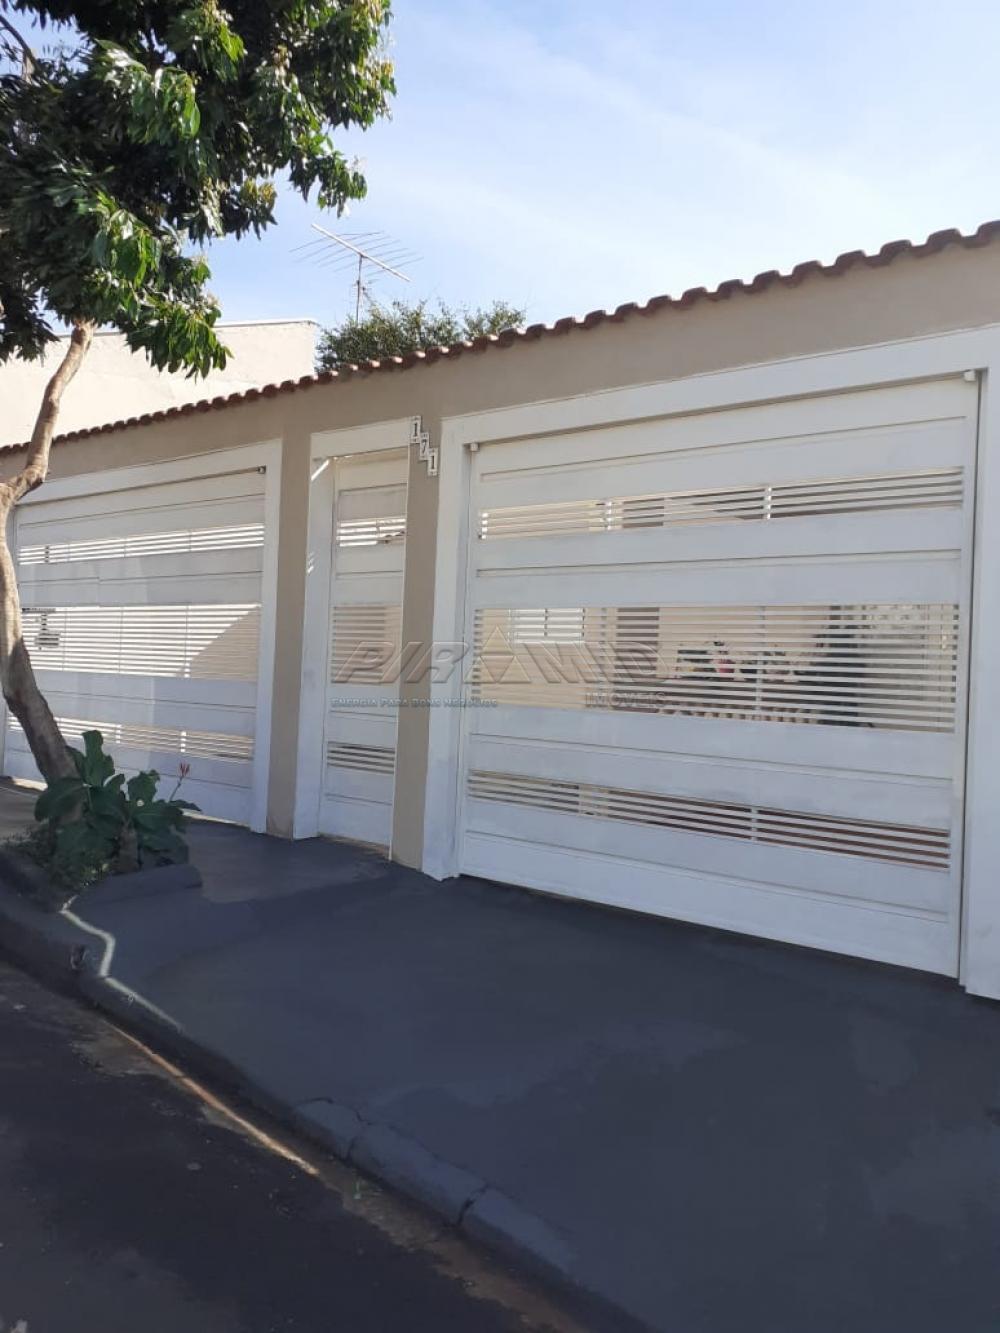 Comprar Casa / Padrão em Ribeirão Preto apenas R$ 315.000,00 - Foto 3